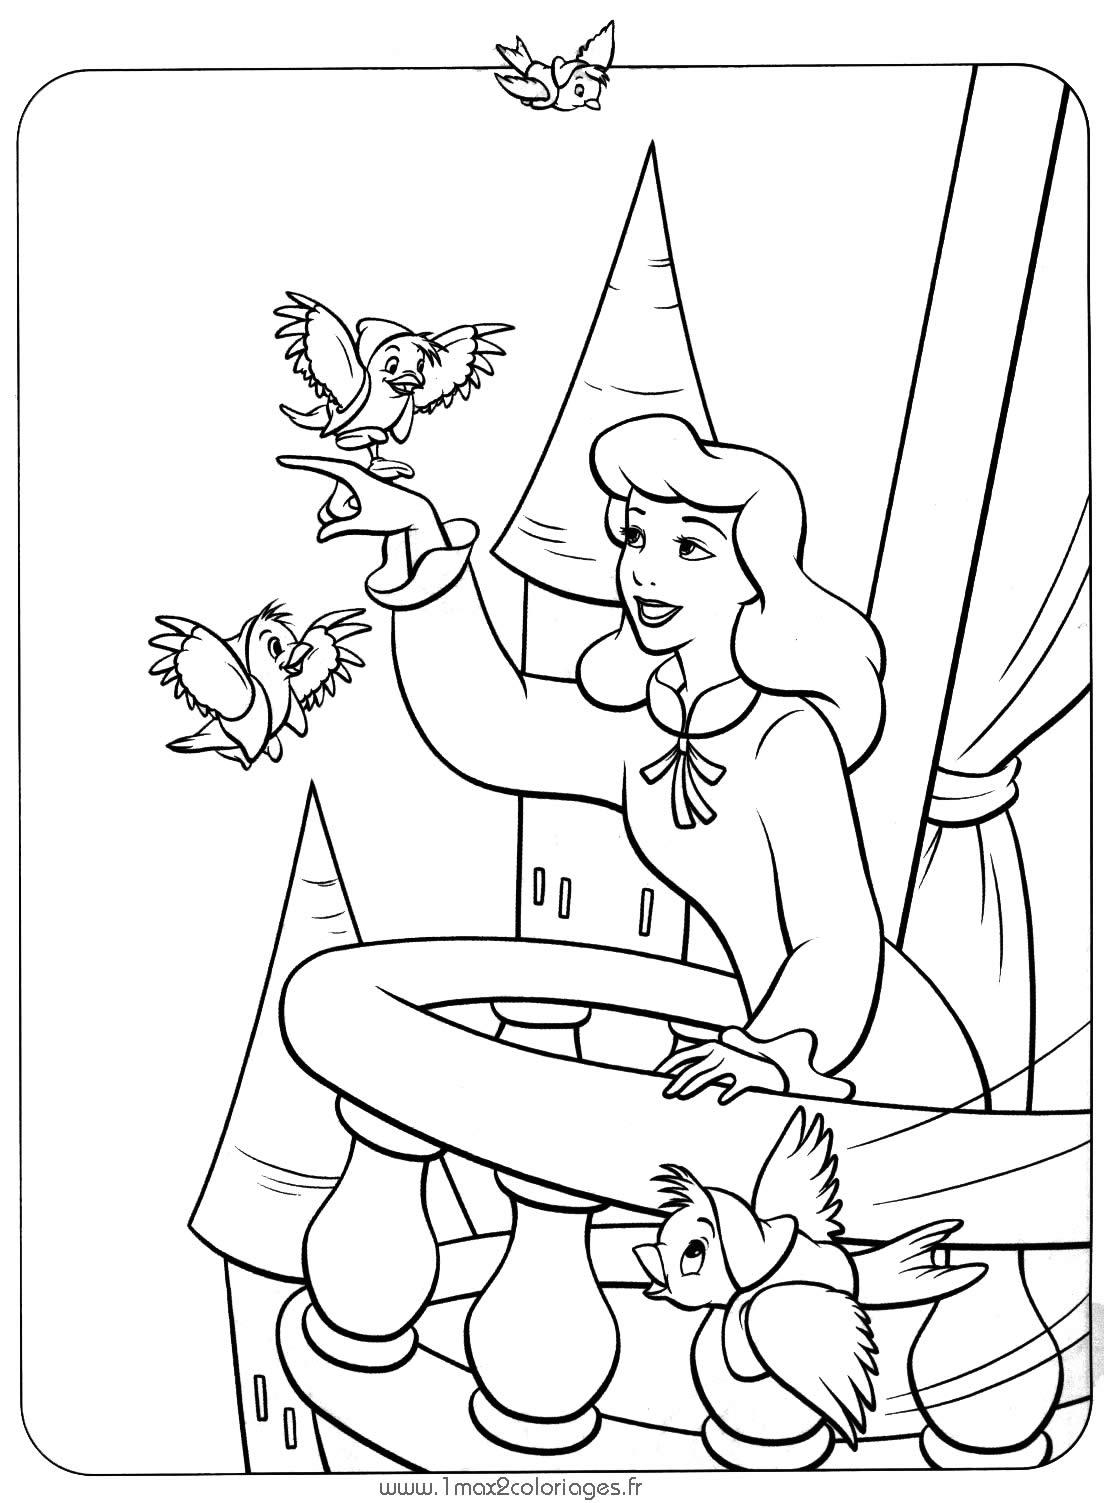 Desenhos para imprimir colorir e pintar princesas disney - Dessiner princesse disney ...